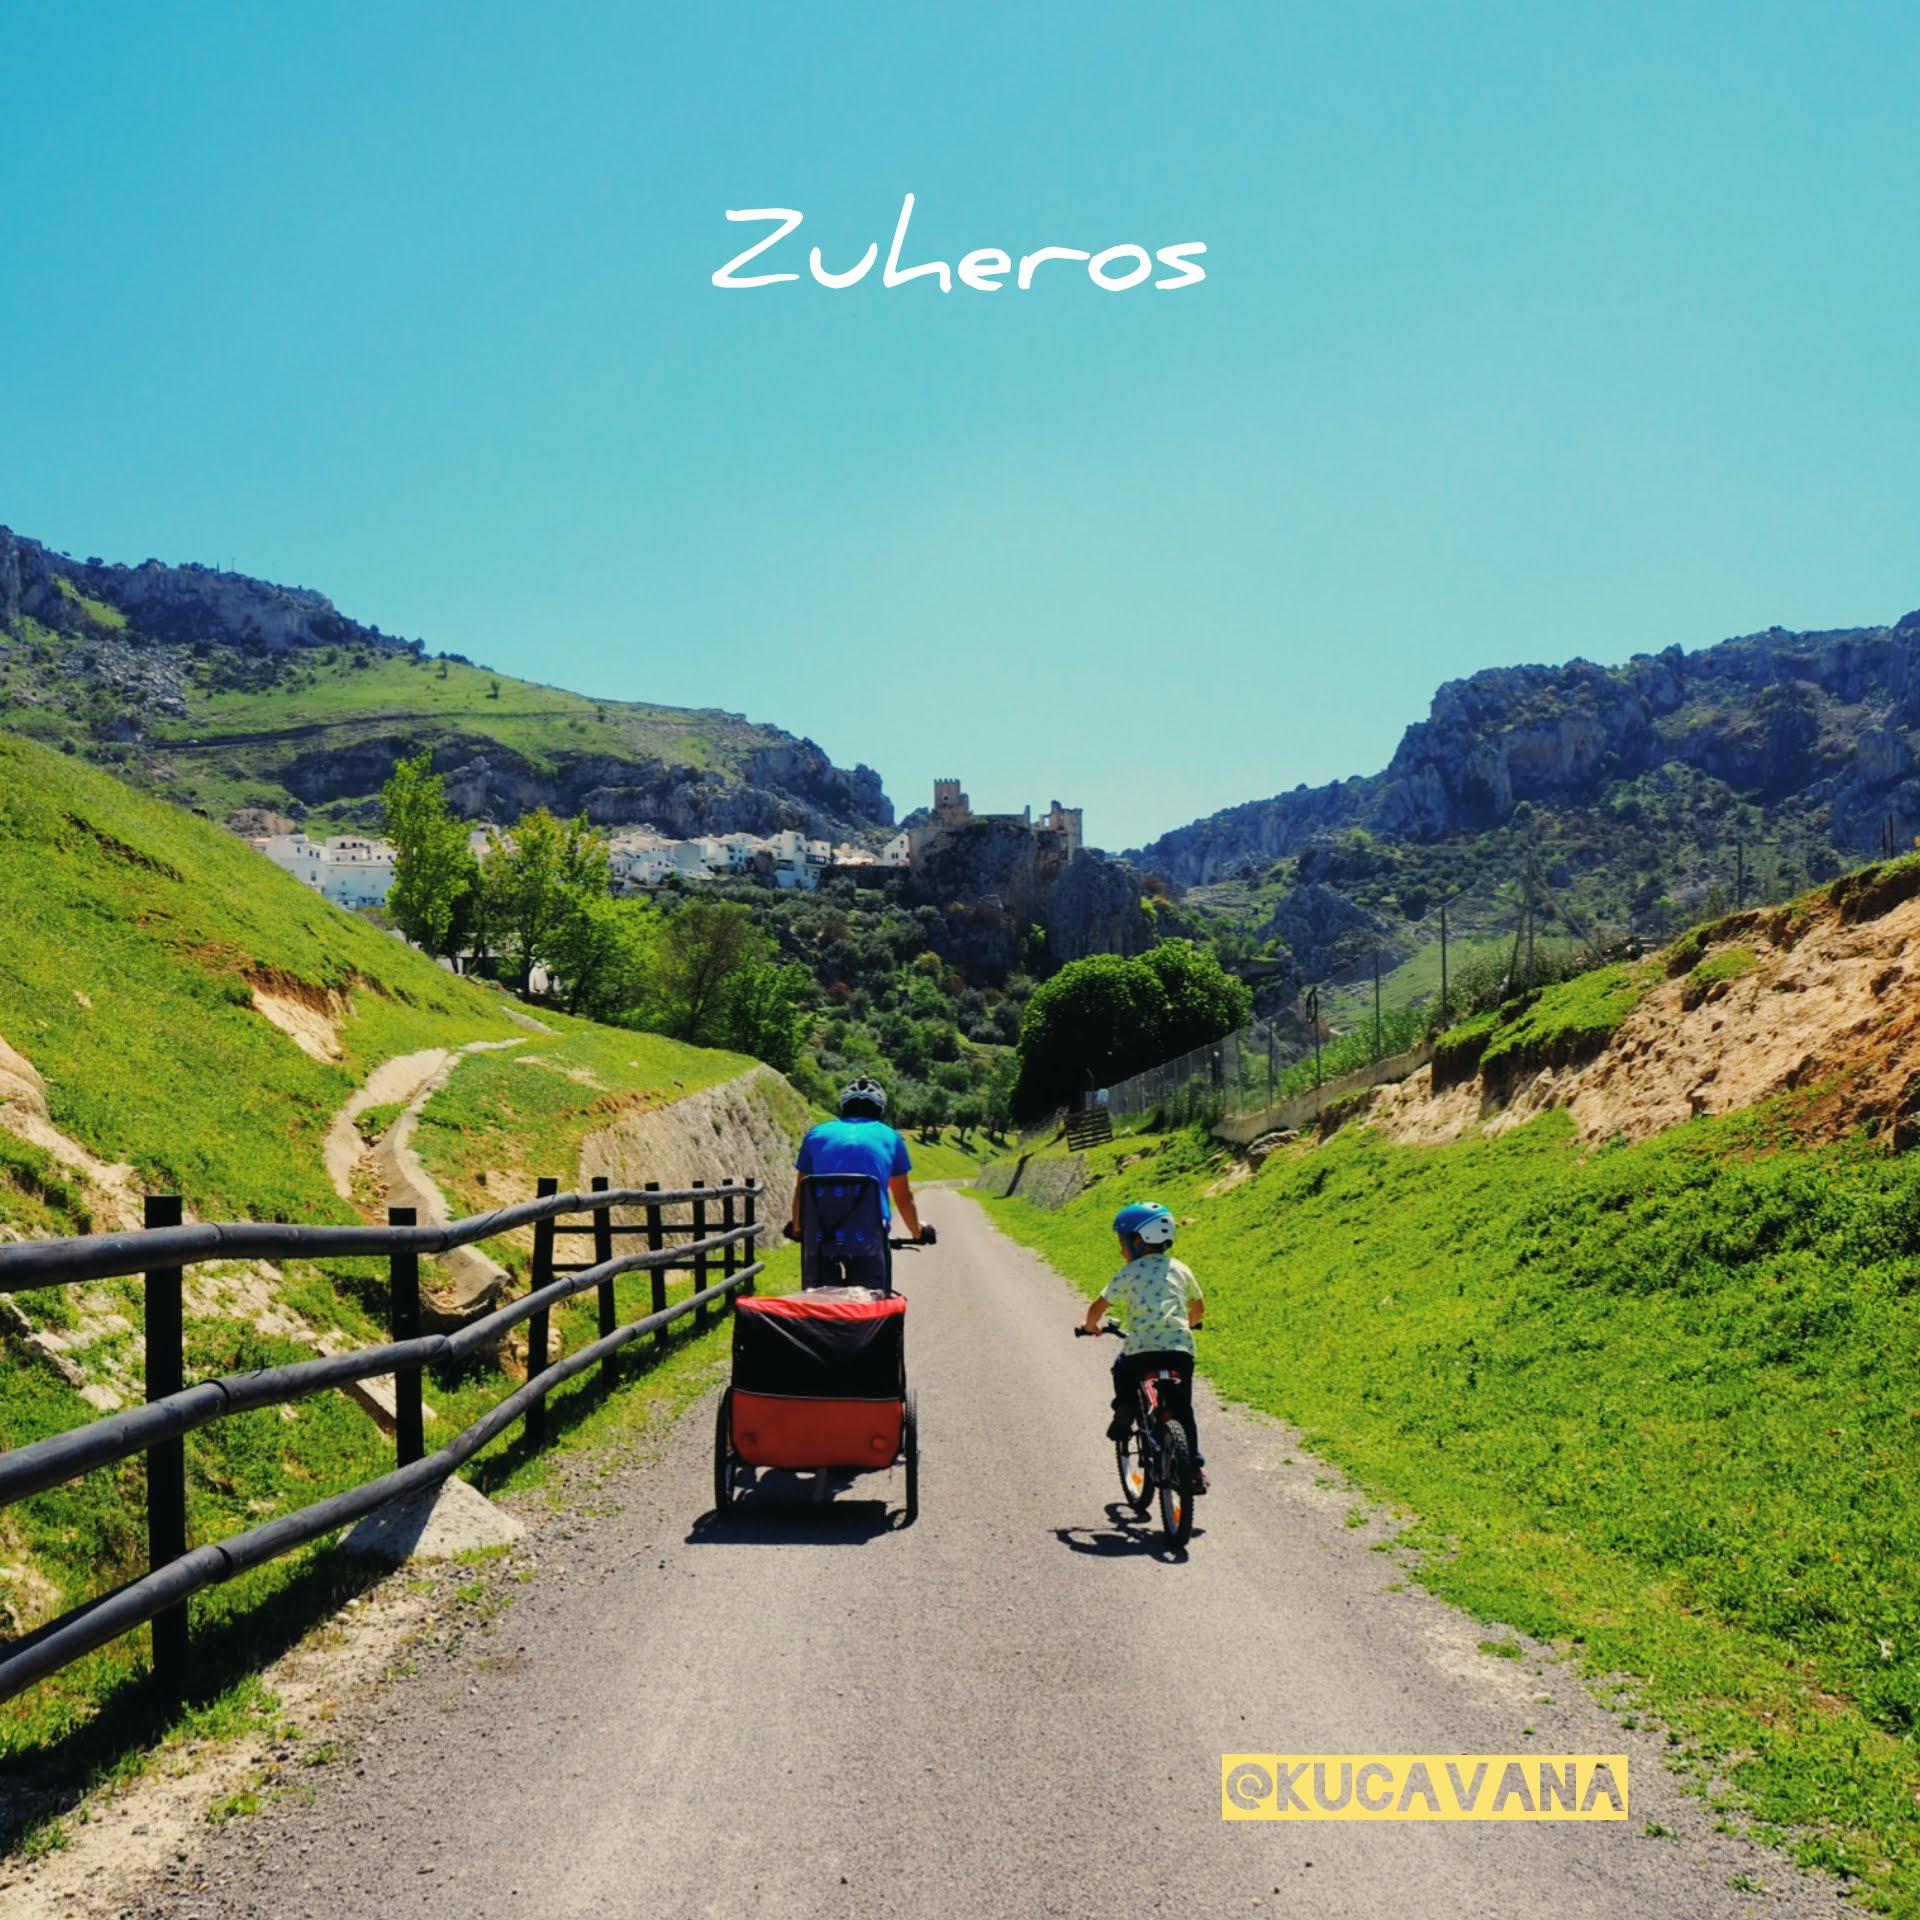 Zuheros, uno de los pueblos más bonitos de España. 5 cosas a saber